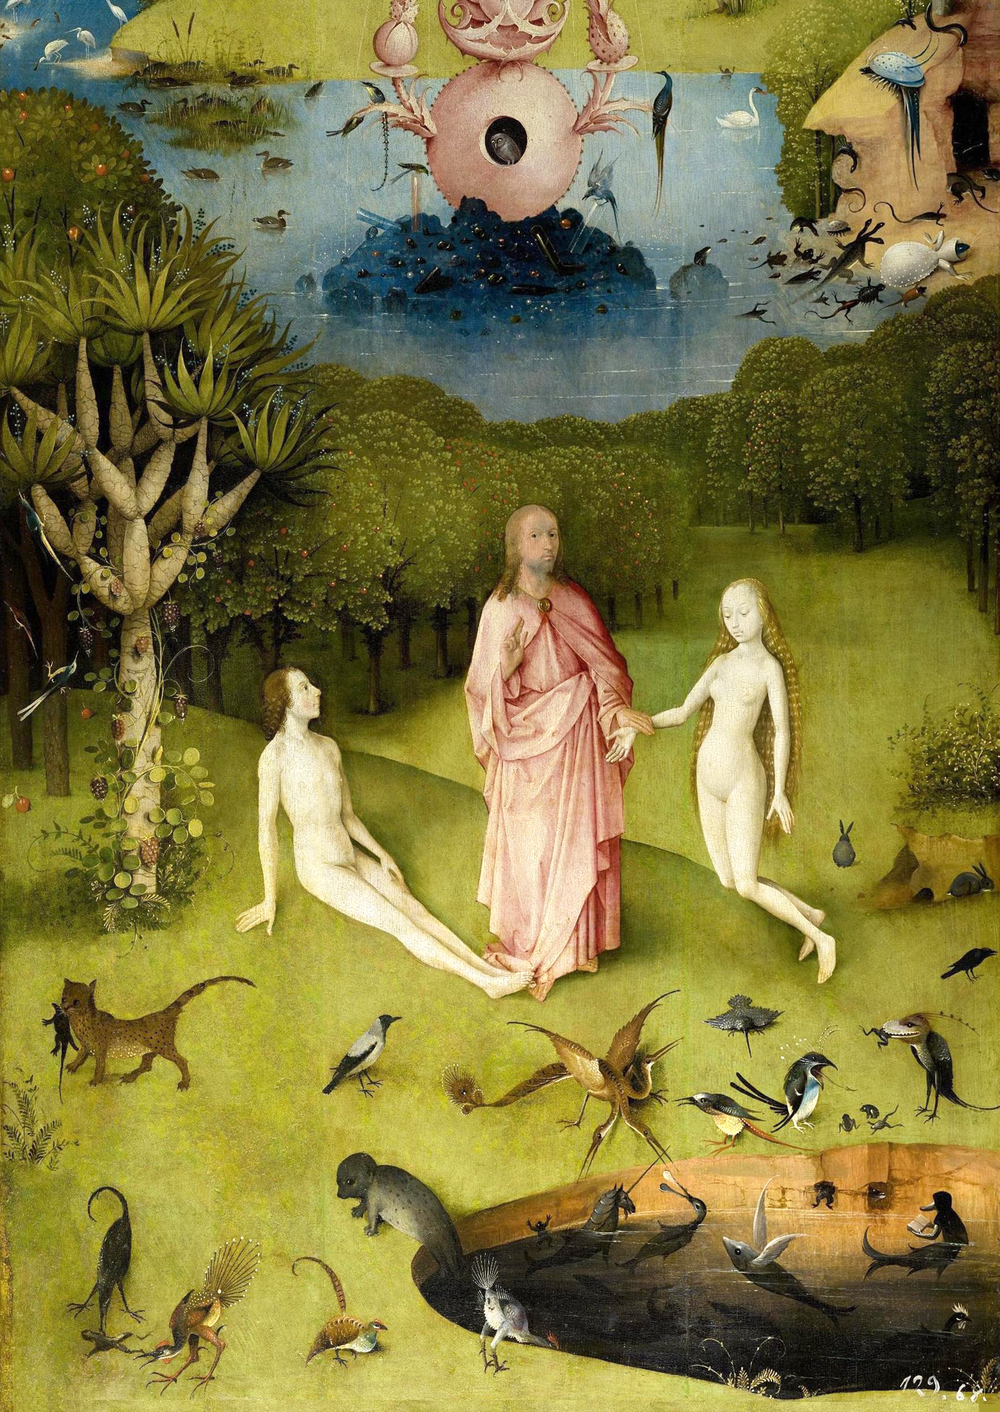 Detalhe do tríptico  'O Jardim das Delícias Terrenas' , com a visão de Adão, Eva e Deus no paraíso terrestre